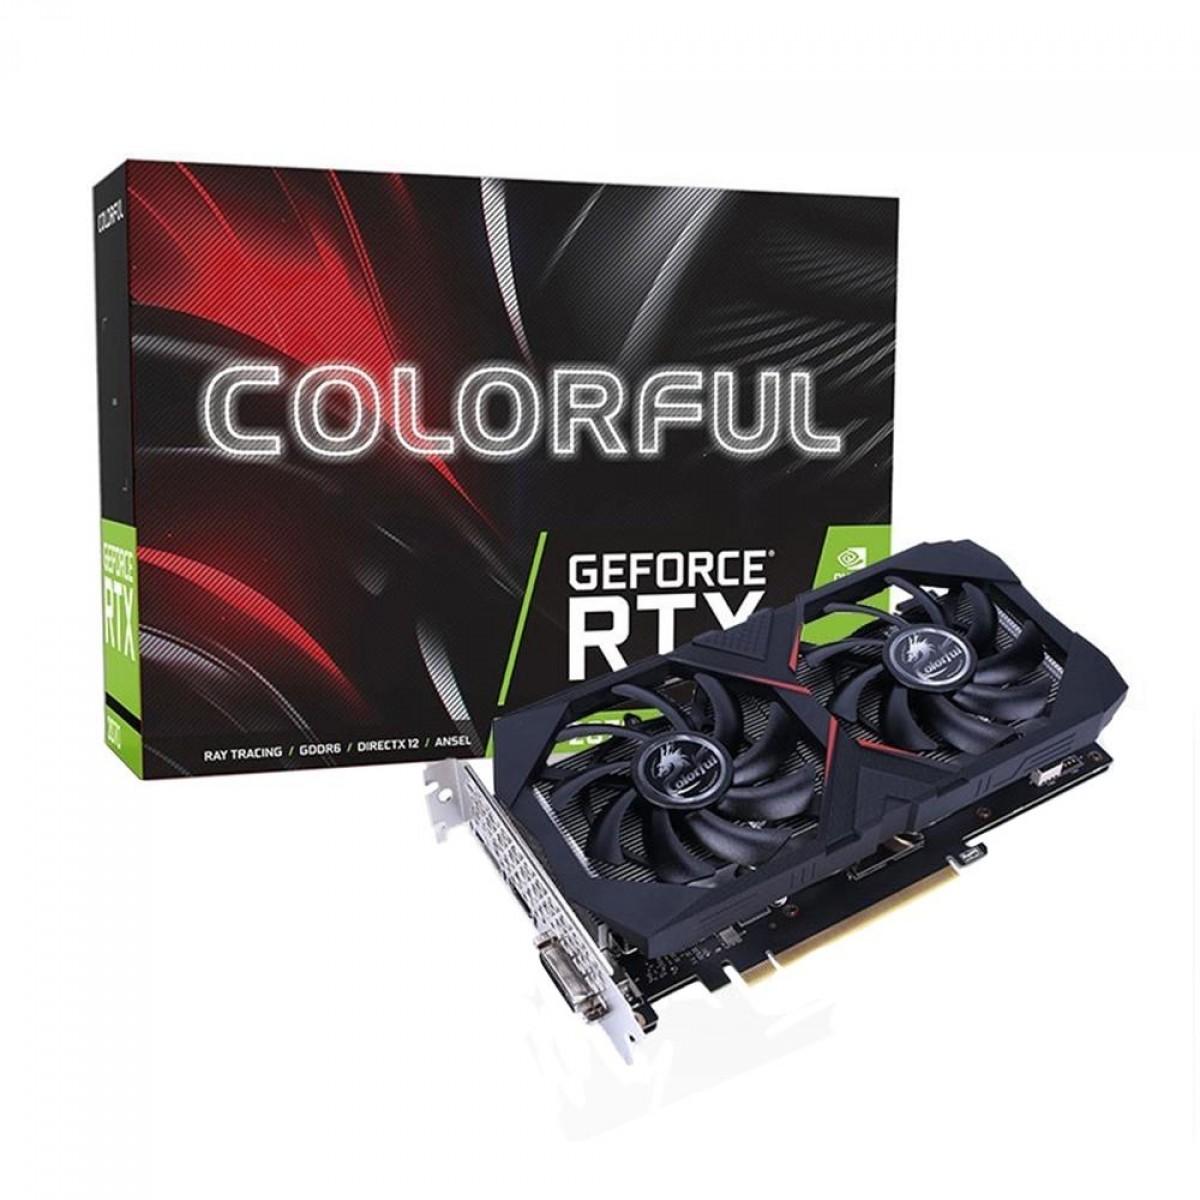 Placa de Vídeo Colorful GeForce RTX 2070 Dual, 8GB GDDR6, 256Bit